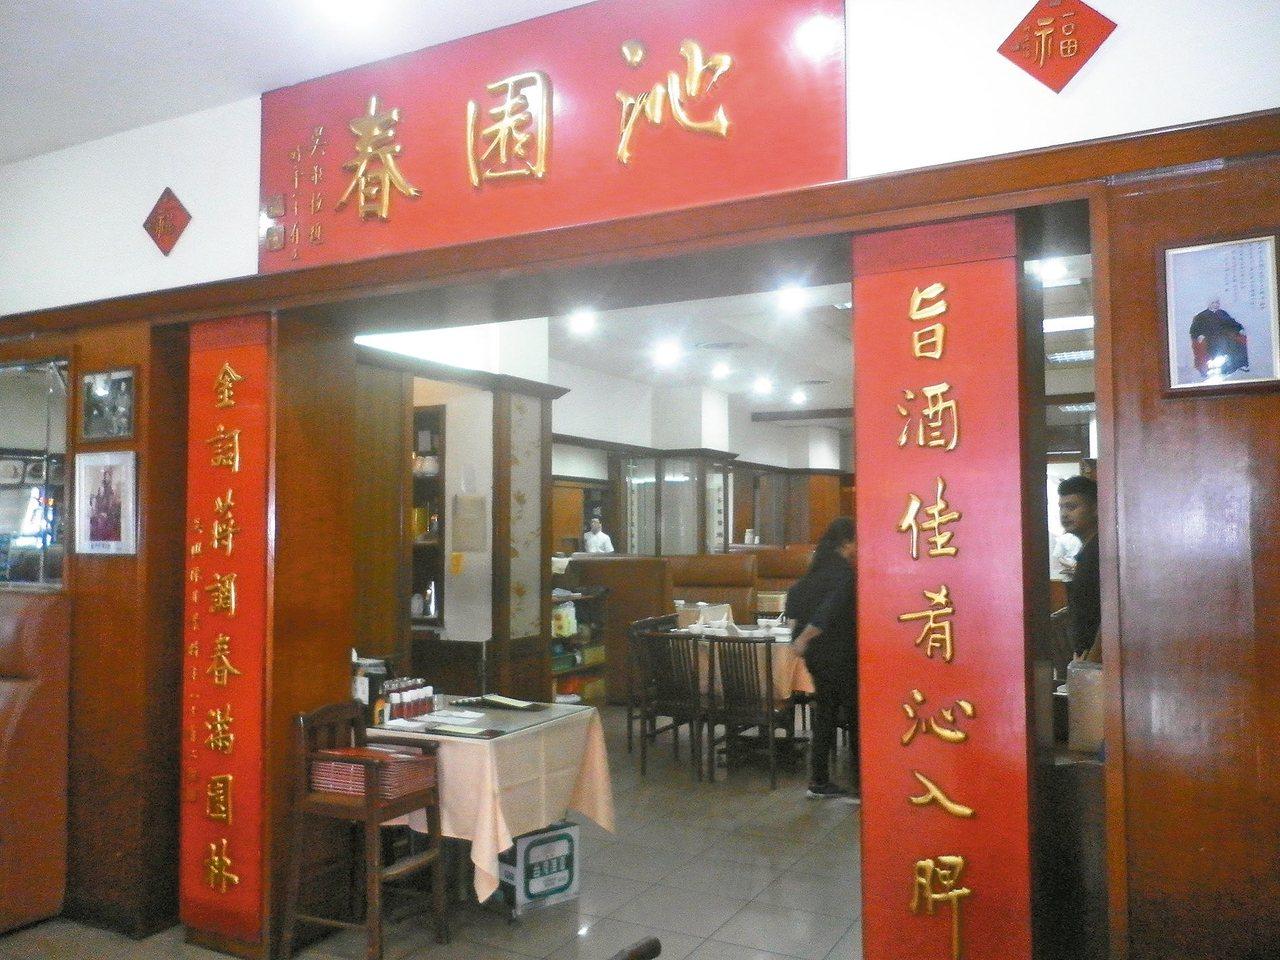 雖然已經換人經營,沁園春餐廳裡仍掛著吳稚暉先生題的牌匾,布置也一仍過往。 楊明....